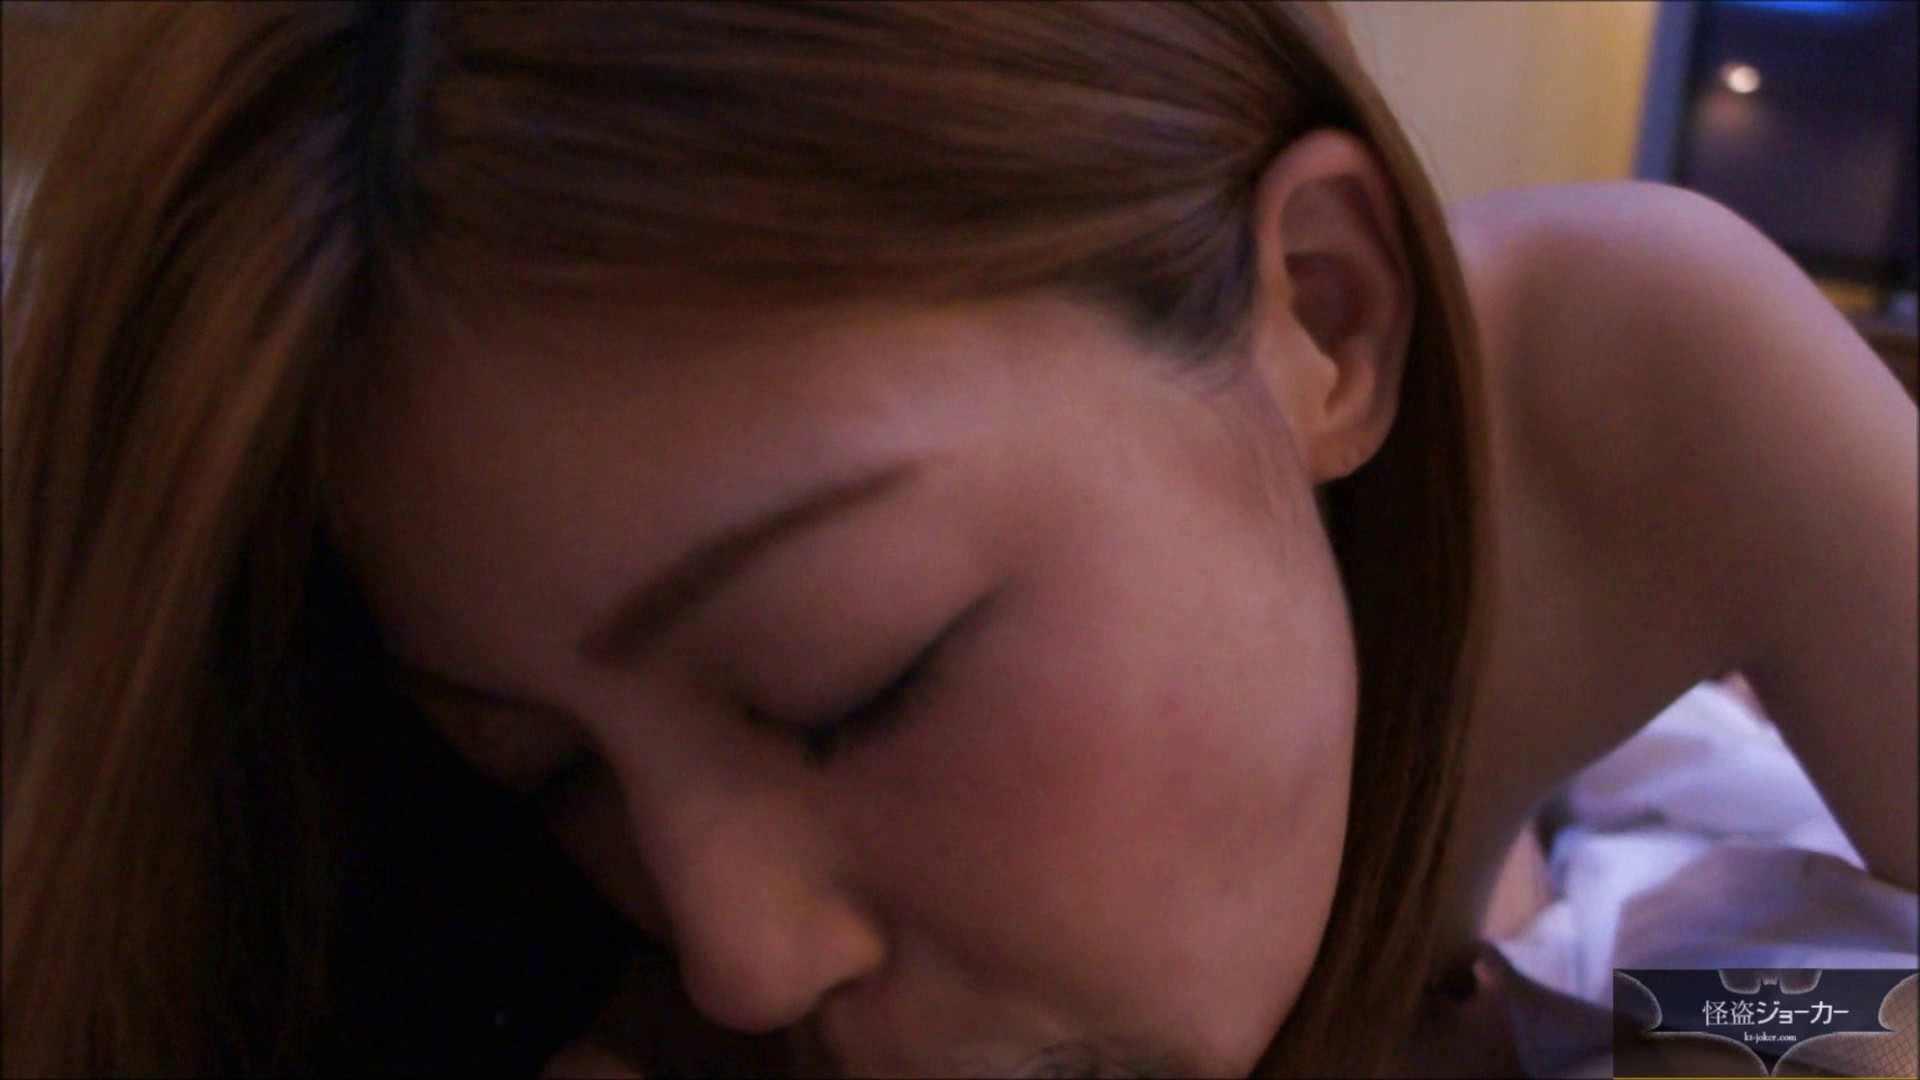 【未公開】vol.9 セレブ美魔女・ユキさんとの1年ぶりに会った日。 OL   0  88連発 47